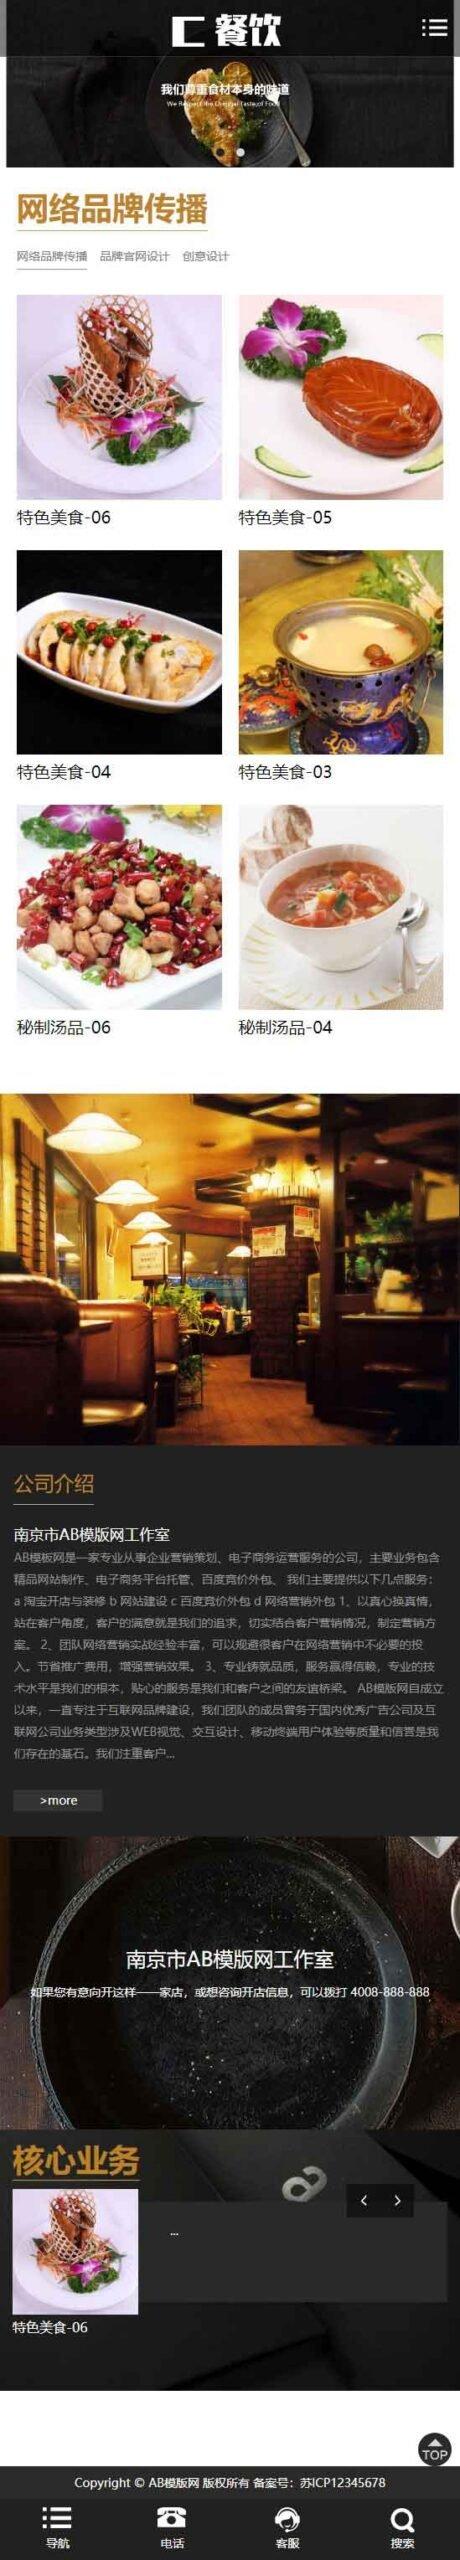 餐饮美食企业网站织梦dede模板源码[自适应手机版]插图1